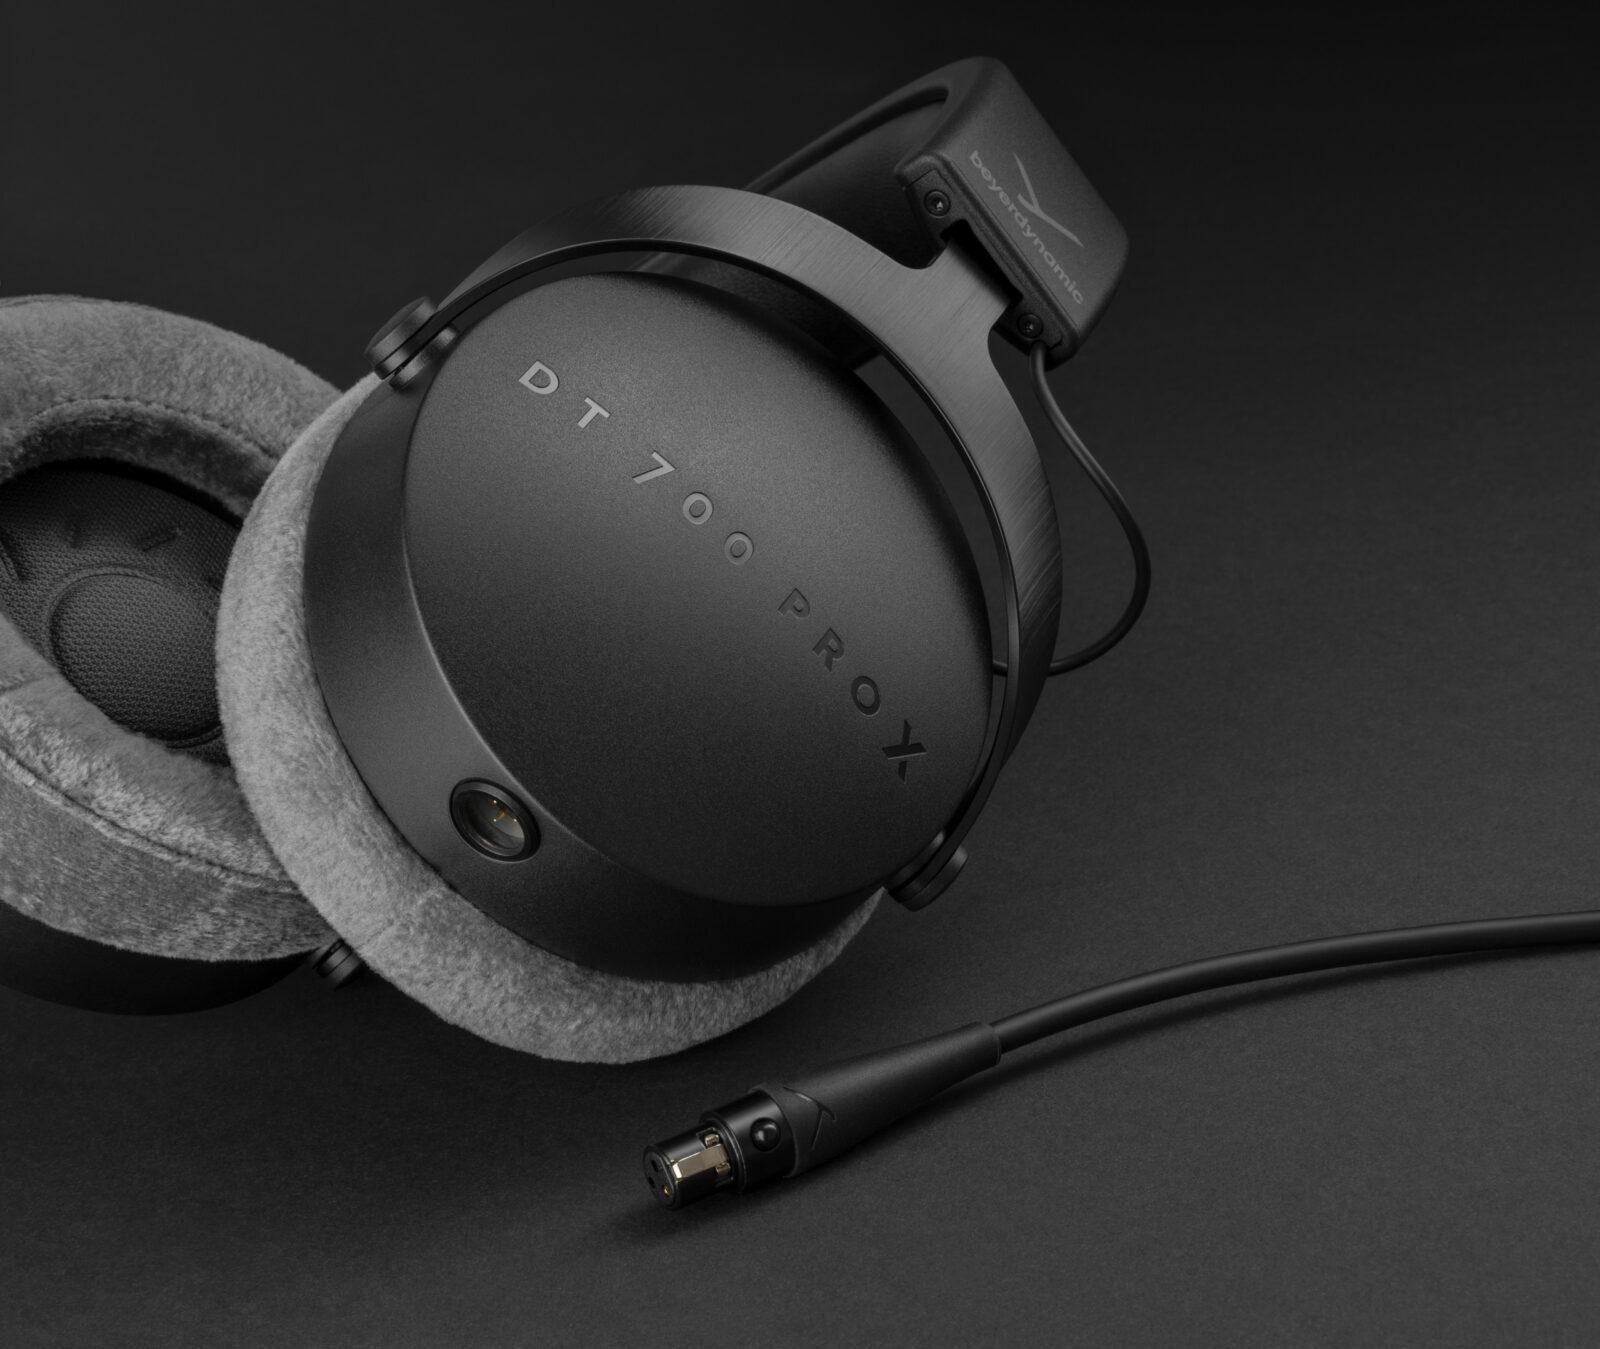 Beyerdynamic представила новые наушники и микрофоны PRO X для креаторов (csm PIC DT700PRO X 21 03 detail black d344430c96)